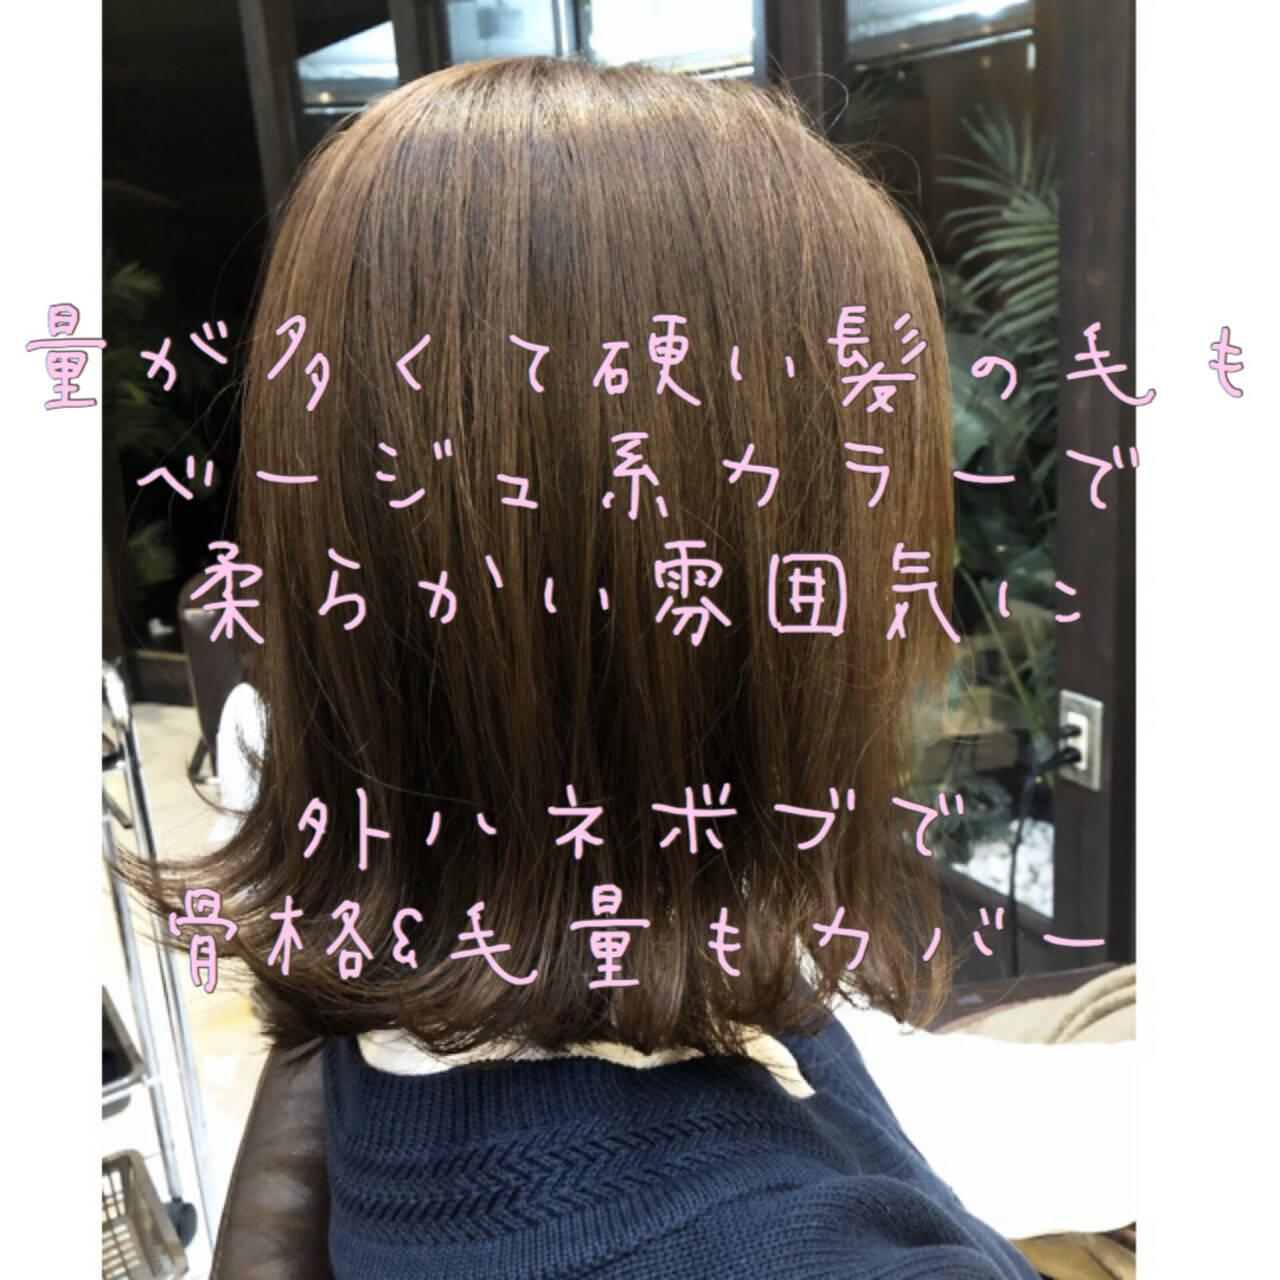 女子ウケ ゆるふわ 大人可愛い アイロンワークヘアスタイルや髪型の写真・画像